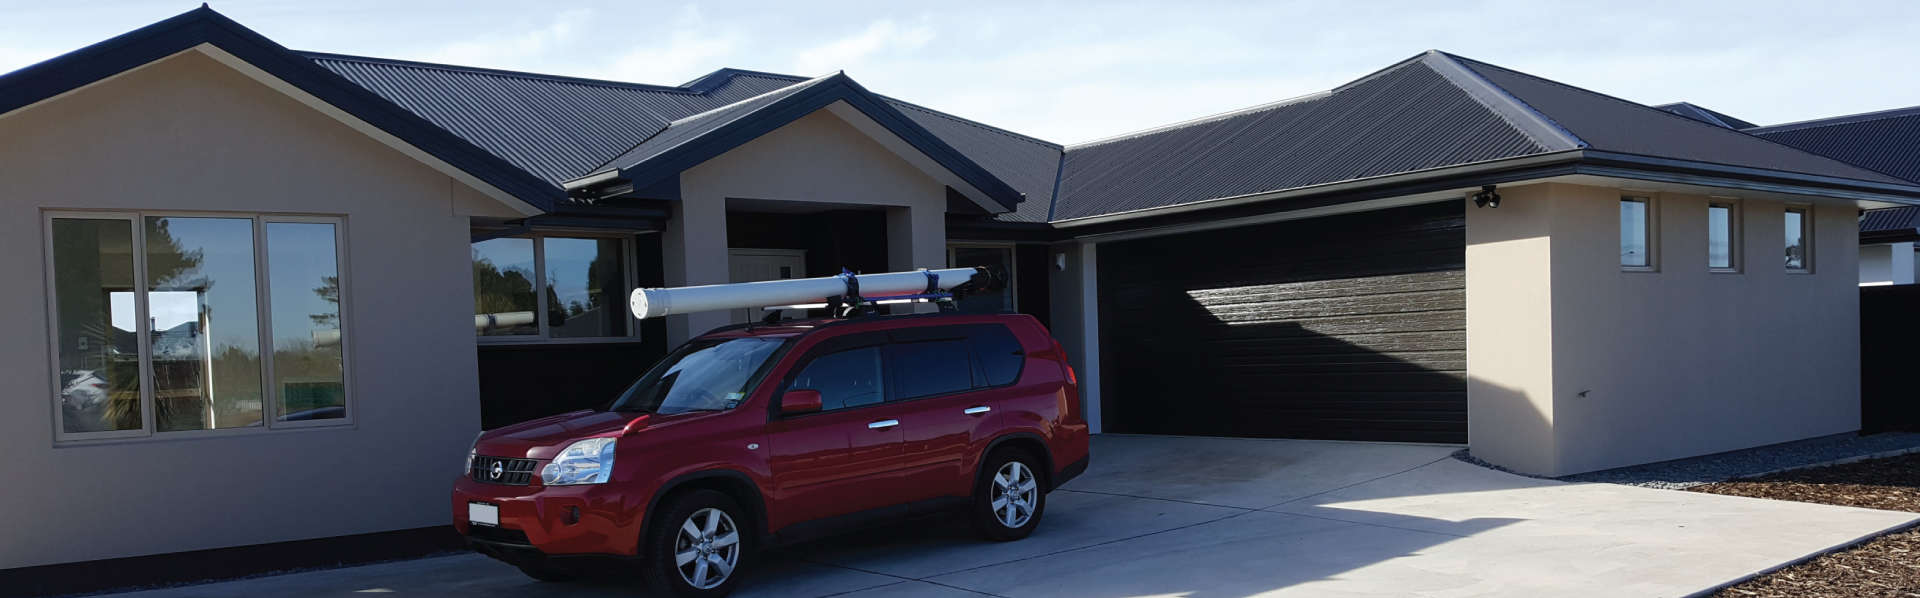 Garage Door Repair And Service Christchurch Garage Doors